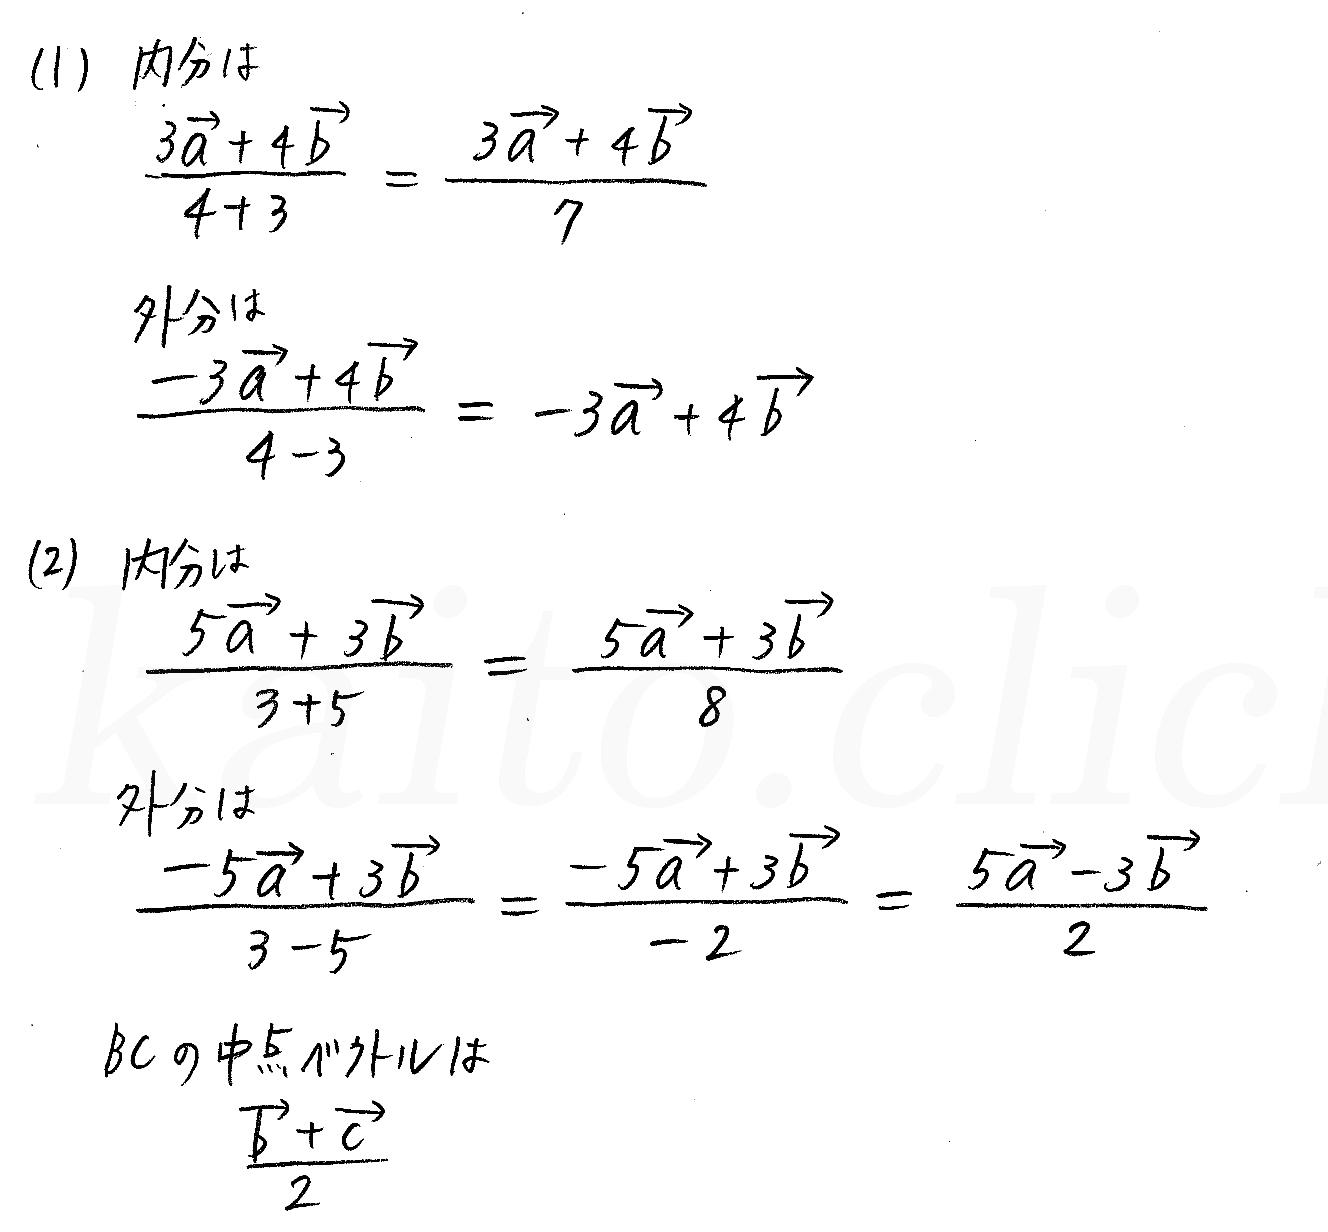 クリアー数学B-44解答